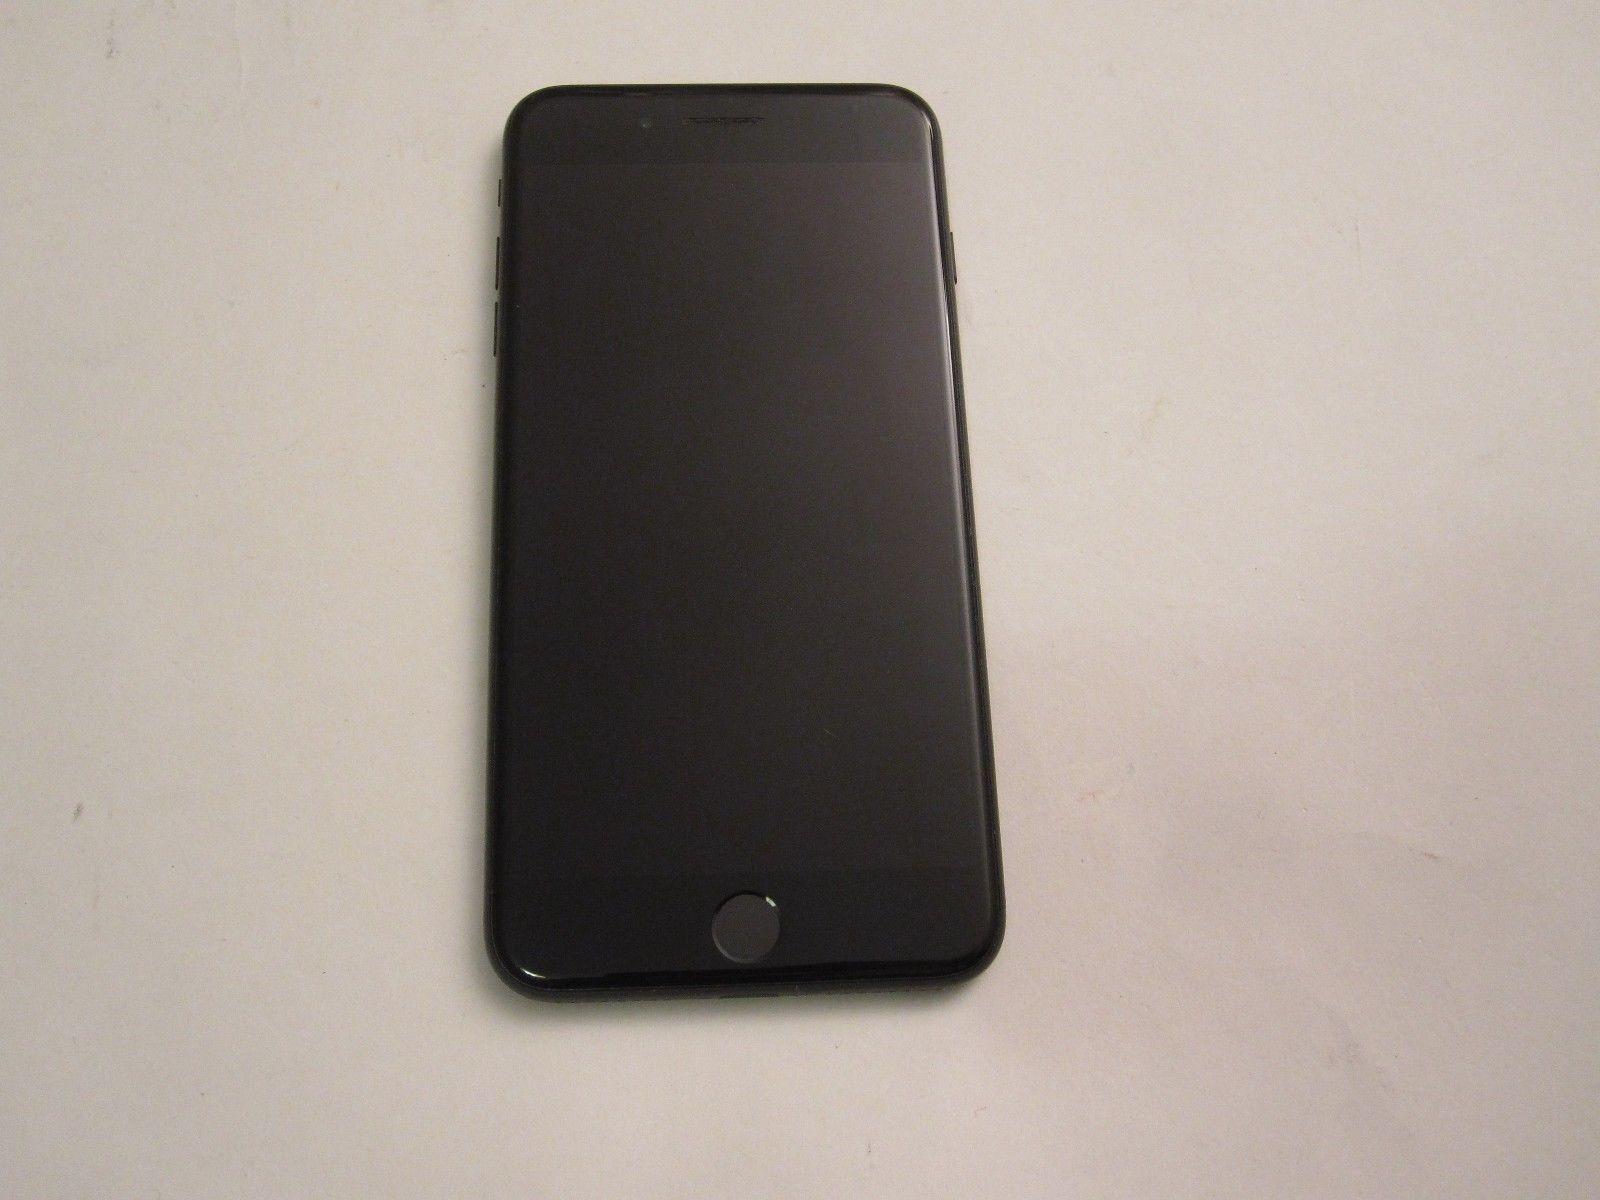 JET BLACK IPHONE 7 PLUS 256GB T-MOBILE METRO PCS STRAIGHT TALK MINT